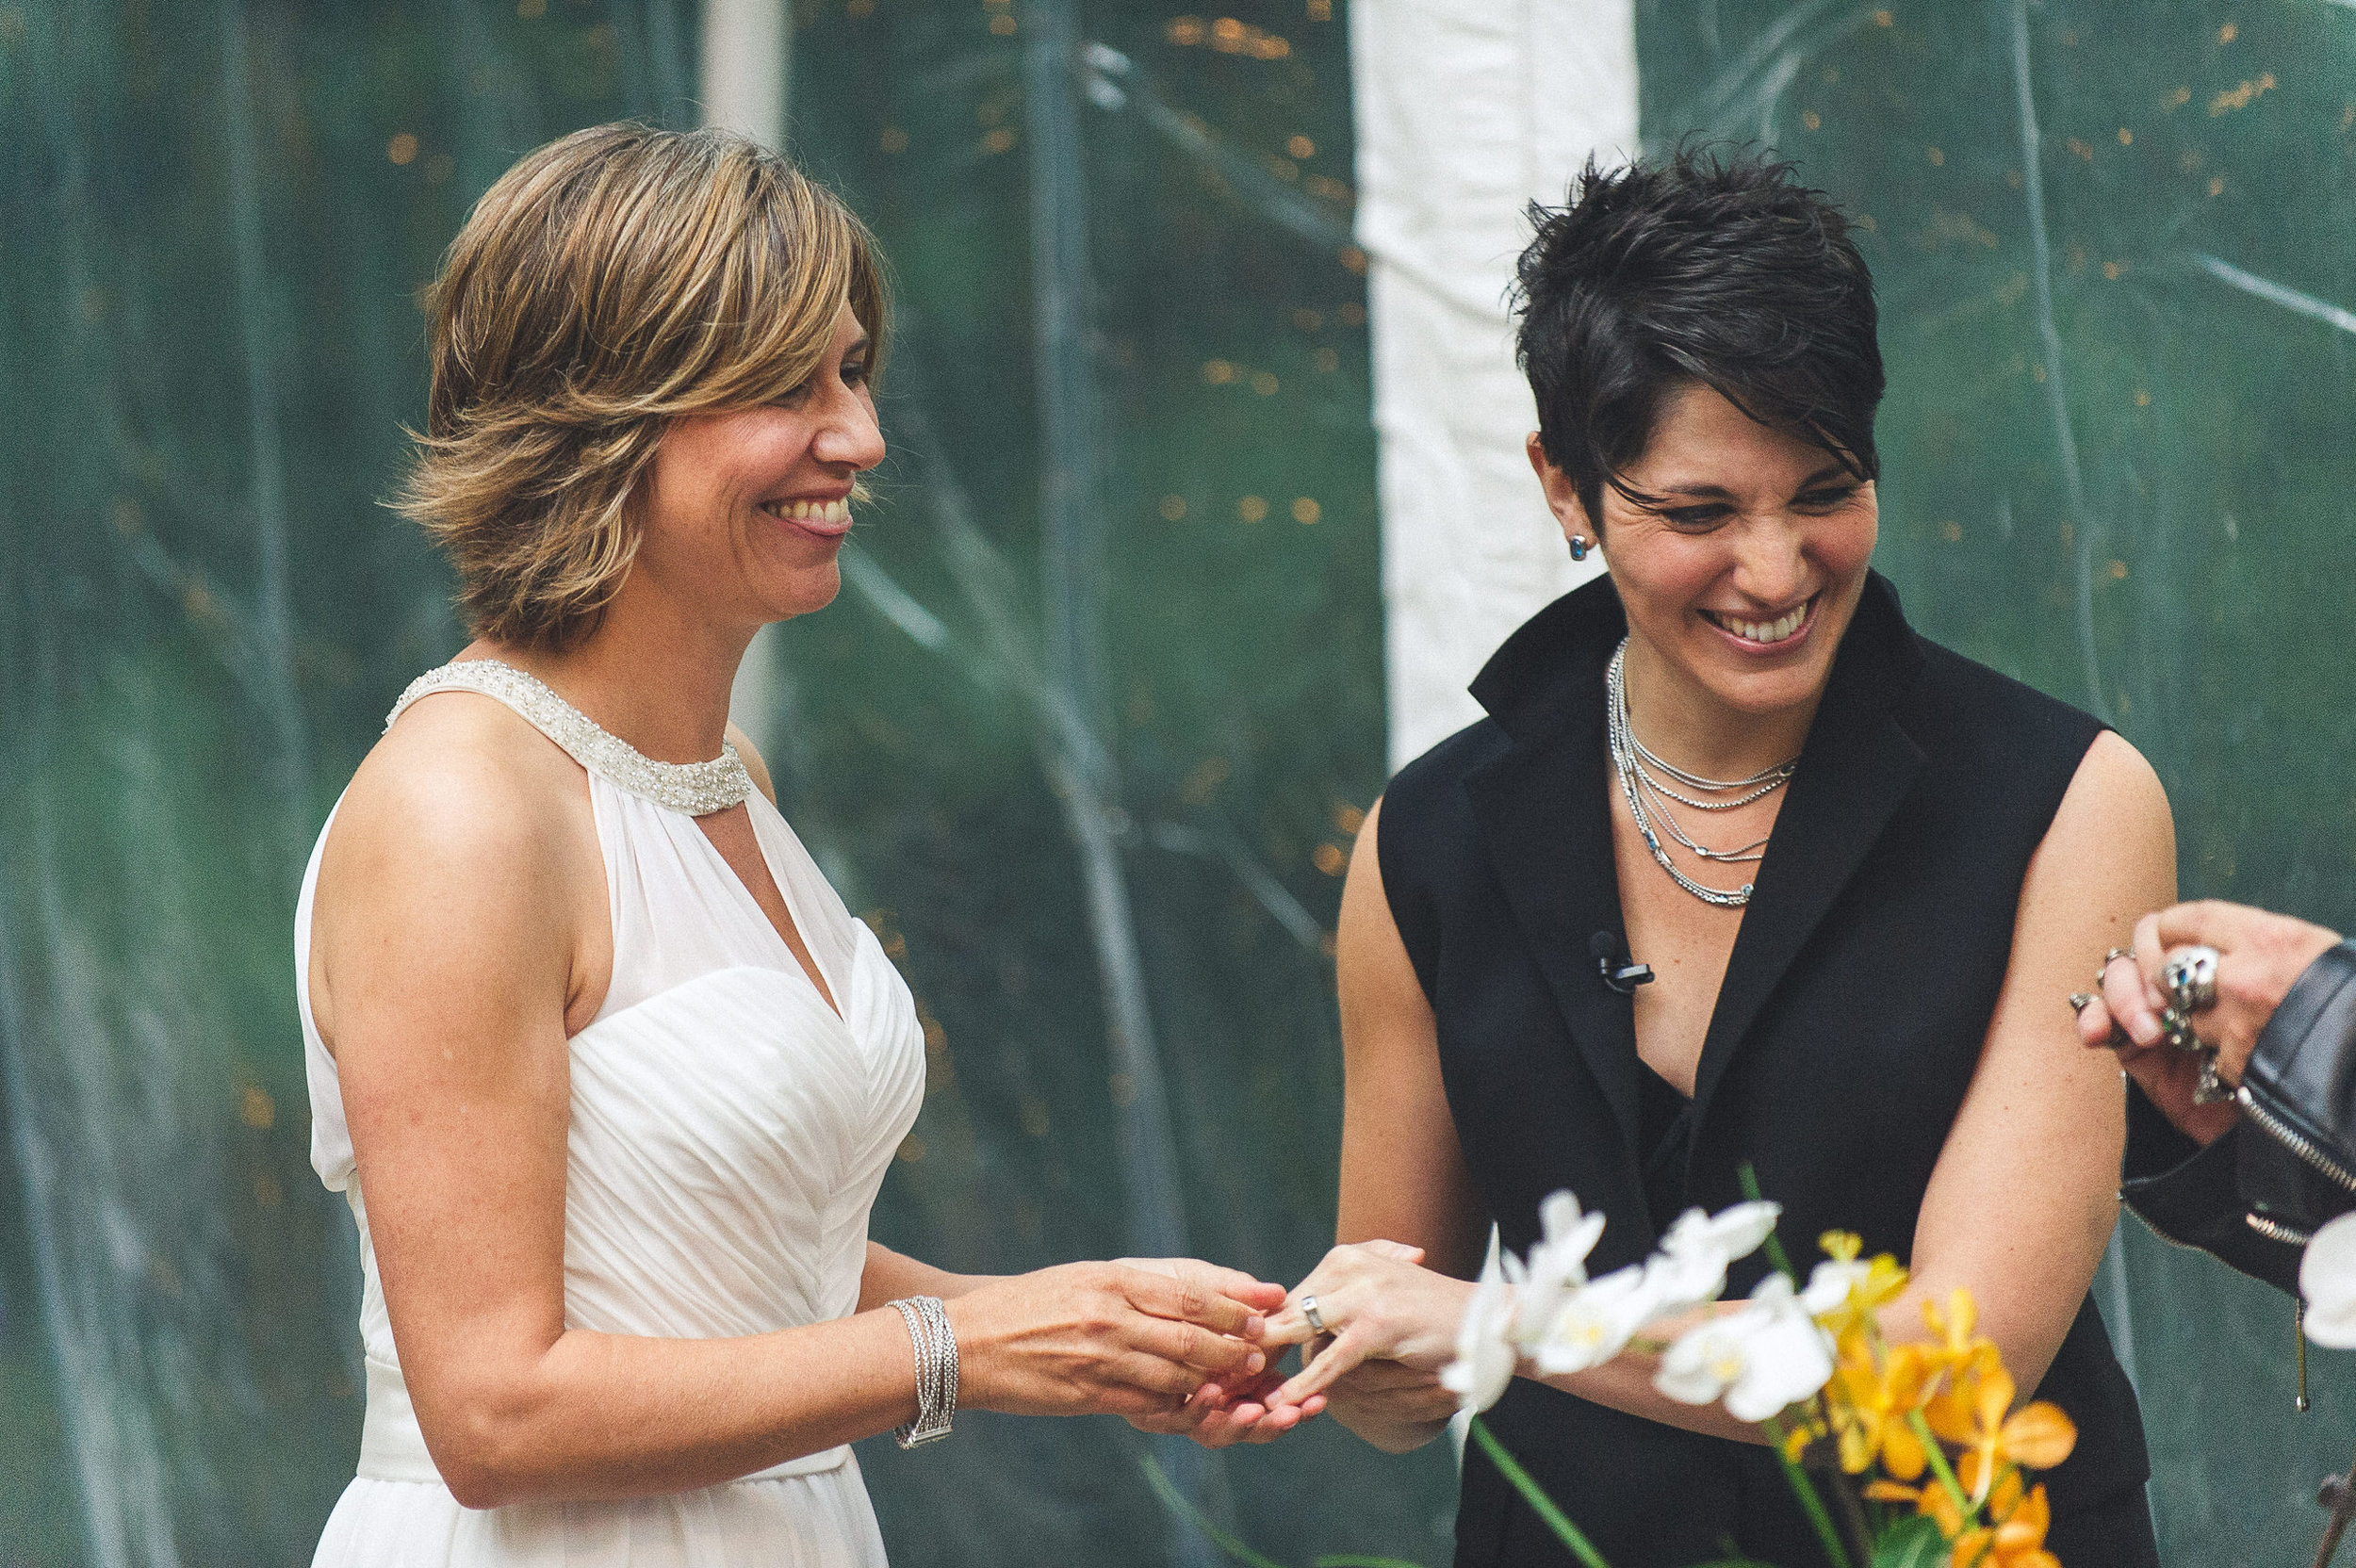 16 Philadelphia At Home Wedding Rings Ceremony Clear Tent Philadelphia Wedding Planner.jpg